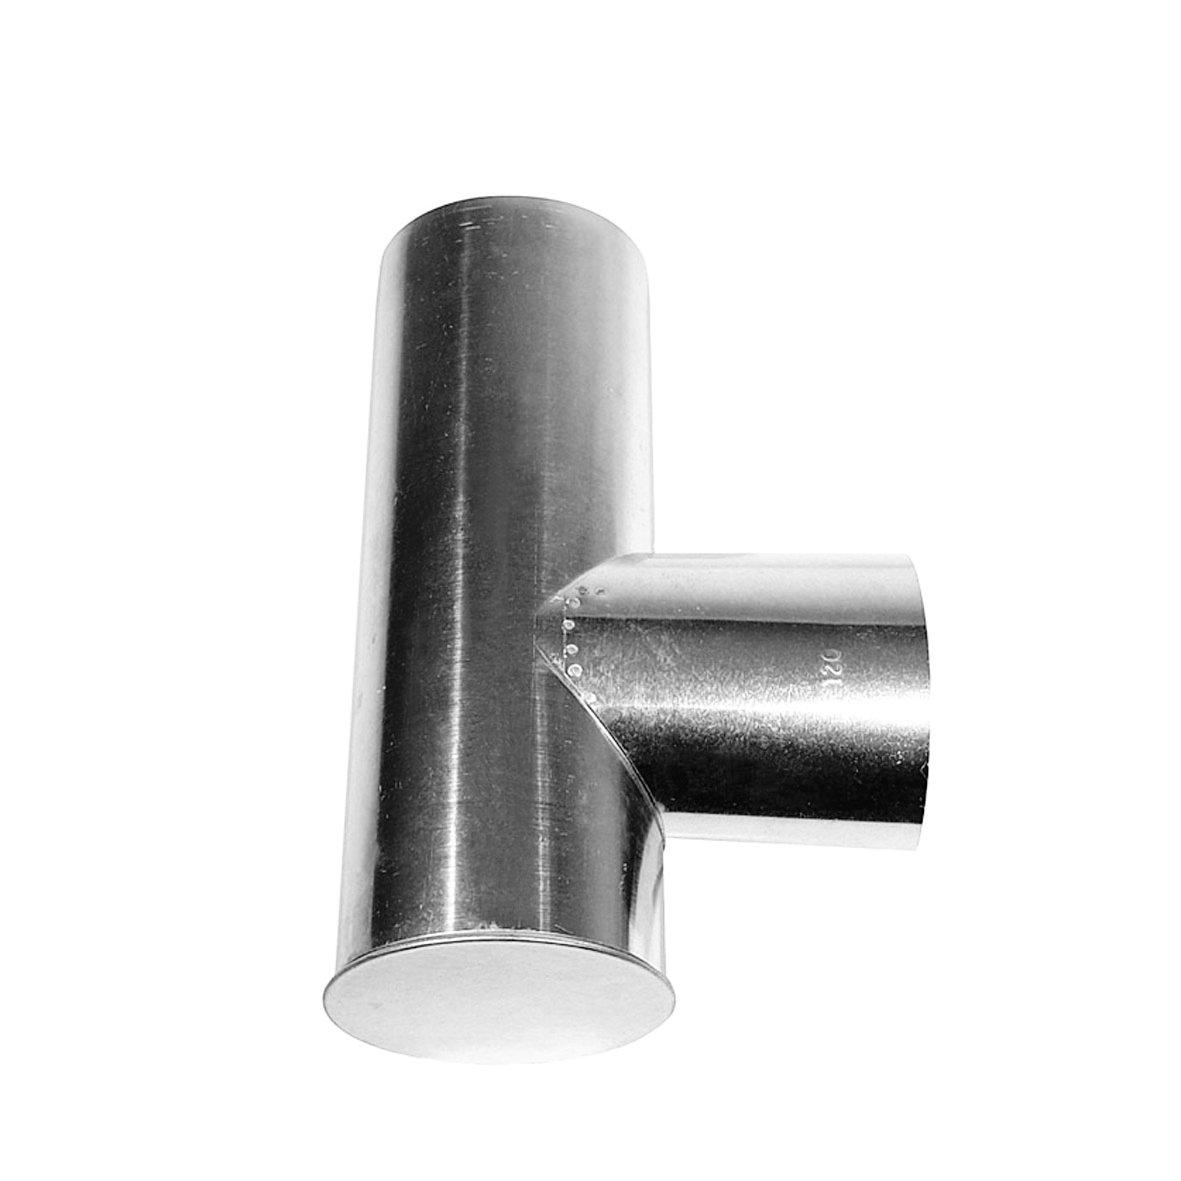 Kamino - Flam – Tubo T para chimenea (Ø 130 mm/longitud 330 mm), Tubo T para estufa de leña, Conducto de humos en forma T – acero resistente a altas temperaturas – durable, estable – plata Tubo T para estufa de leña